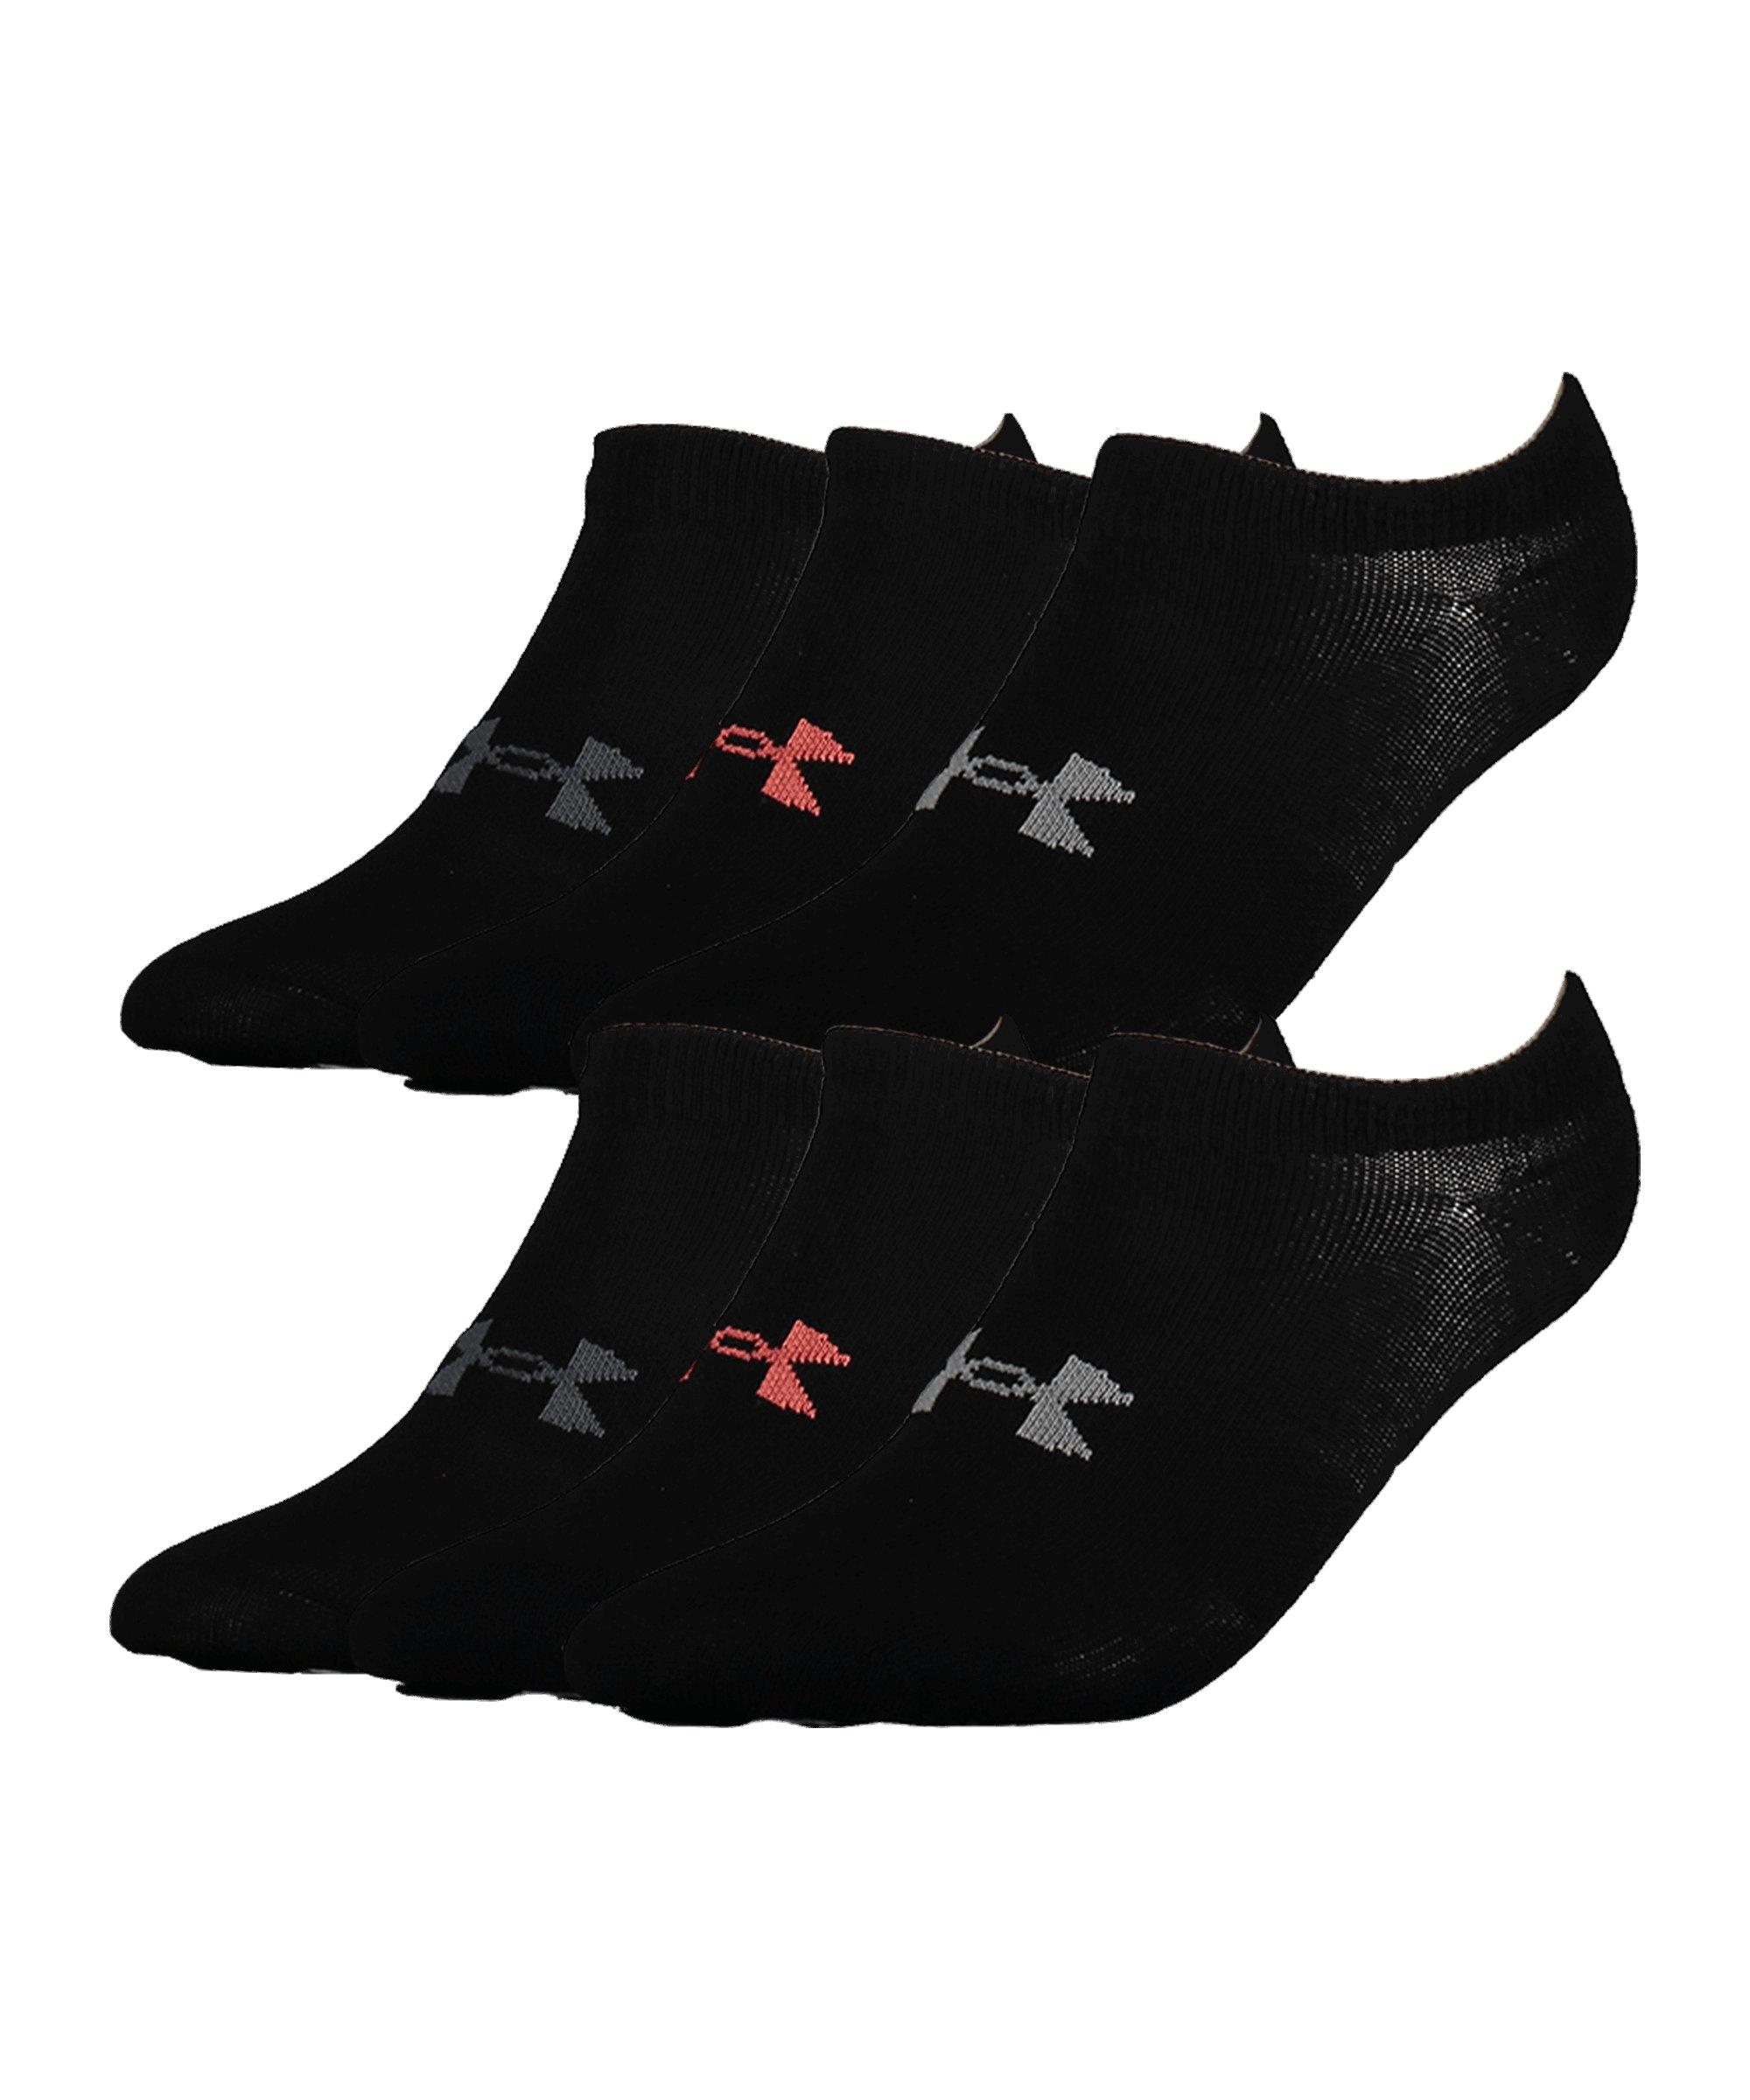 Under Armour Essentials 6er Pack Socken Damen F001 - schwarz